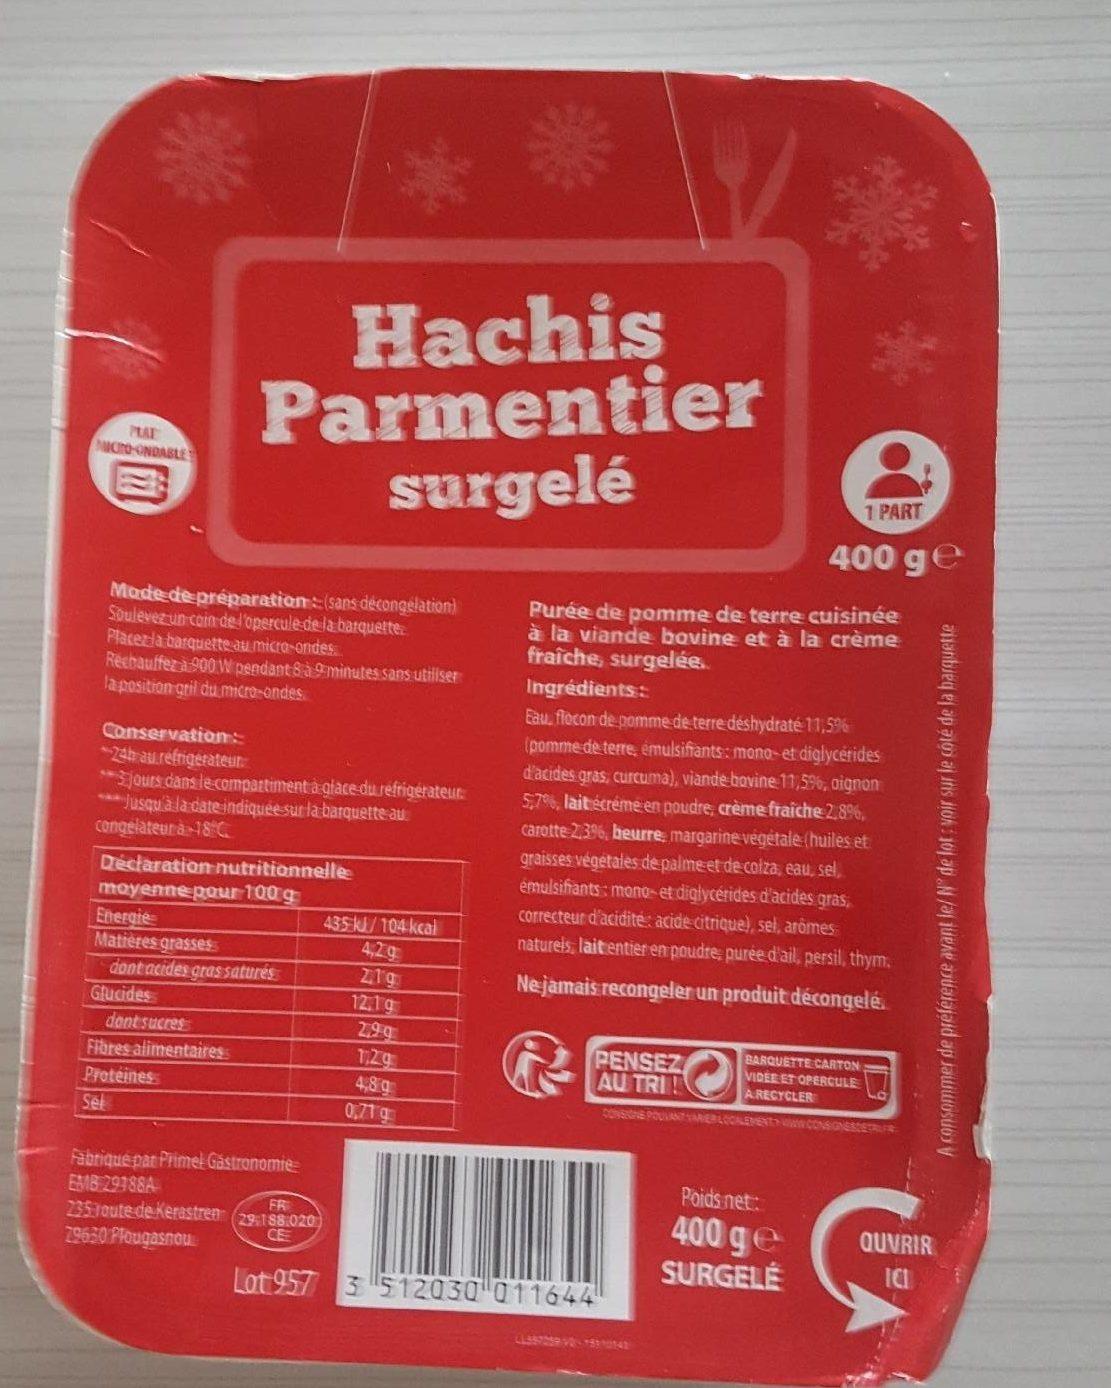 Hachis Parmentier Surgelé - Produit